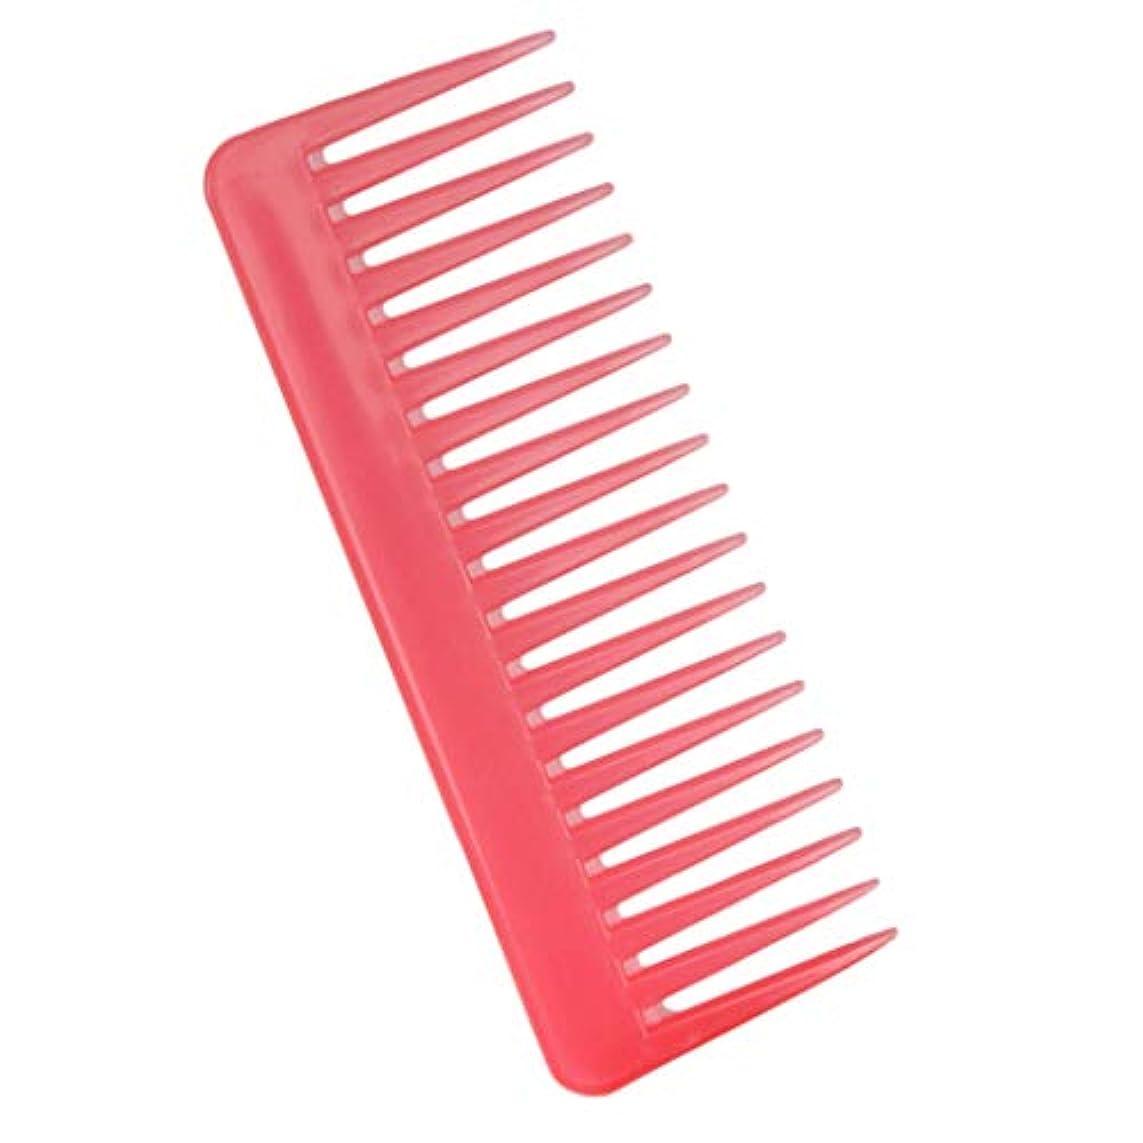 努力するガソリン閃光帯電防止櫛 ヘアケア ヘアブラシ サロン用 自宅用 ヘアコーム 3色選べ - ピンク